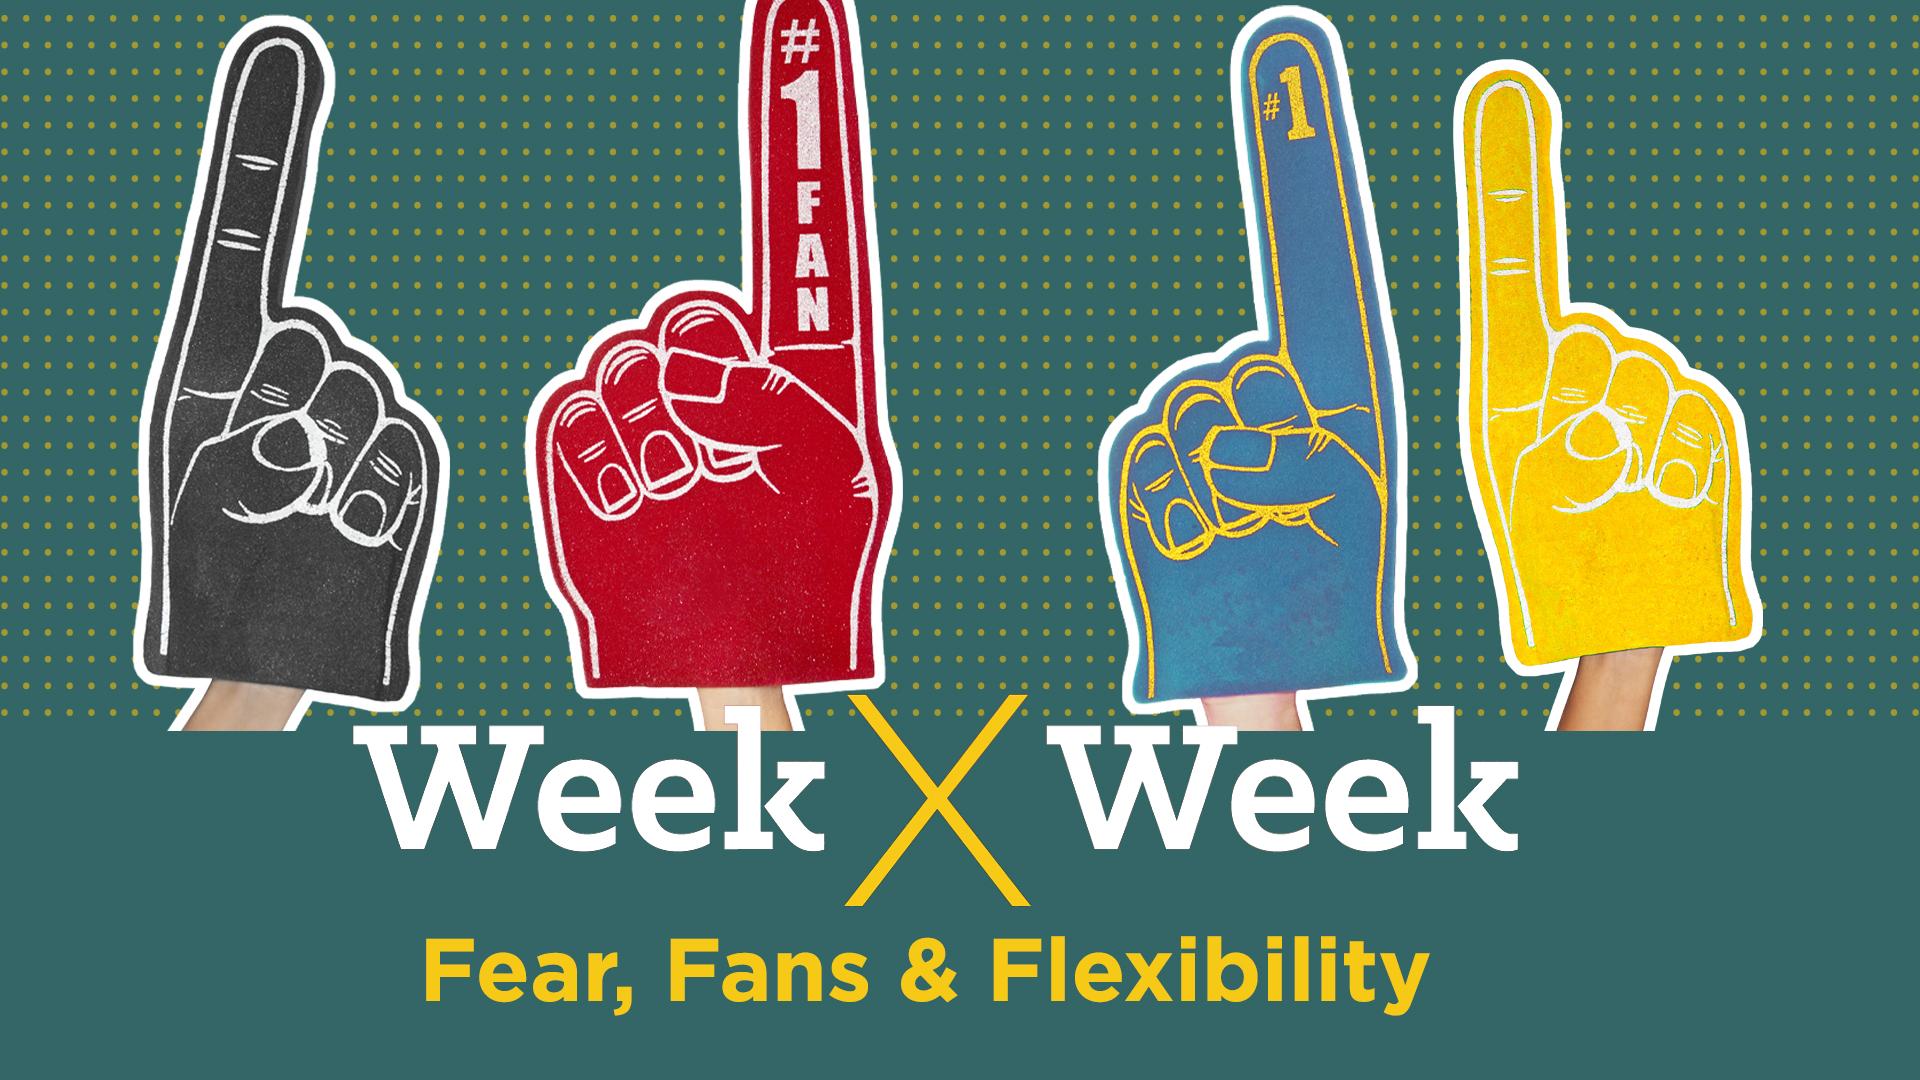 Week x Week: Fear, Fans & Flexibility Featured Image